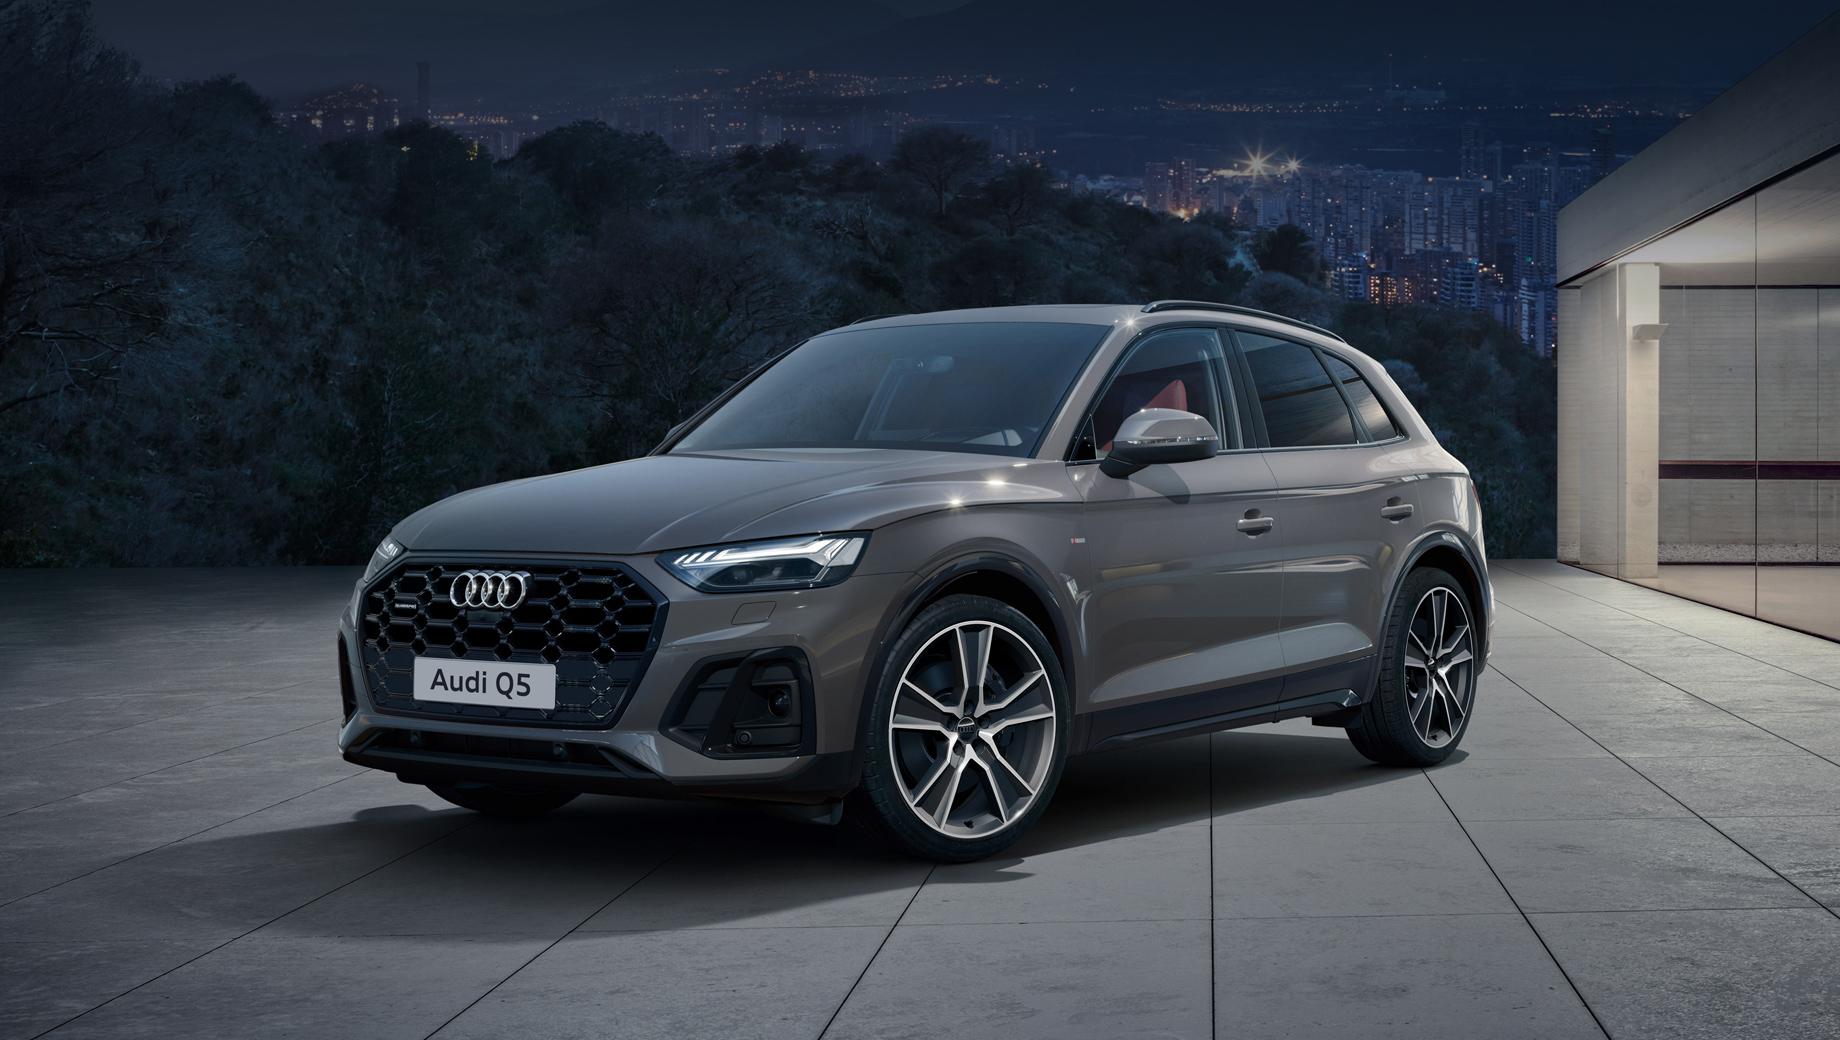 Audi q5,Audi sq5. К десяти прежним окрасам кузова добавлены новые оттенки: зелёный District Green и синий Ultra Blue, а опционально доступен стайлинг-пакет Titanium Black с чёрным декором.